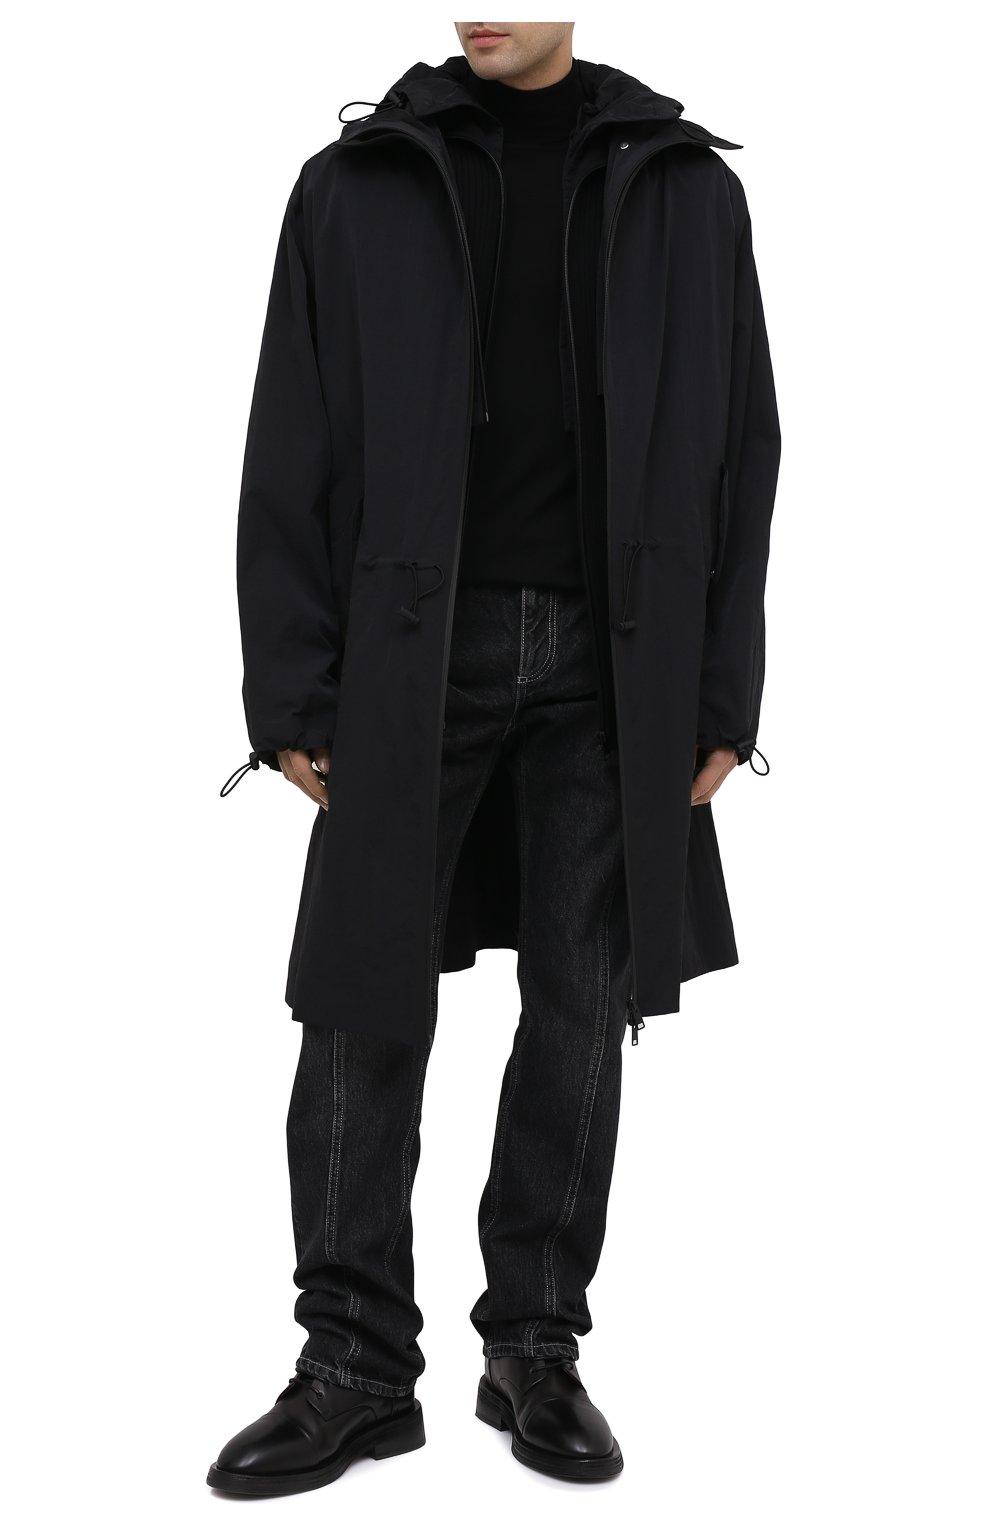 Мужские кожаные ботинки MARSELL черного цвета, арт. MM4070/PELLE VITELL0 | Фото 2 (Мужское Кросс-КТ: Ботинки-обувь; Материал внутренний: Натуральная кожа; Подошва: Плоская)